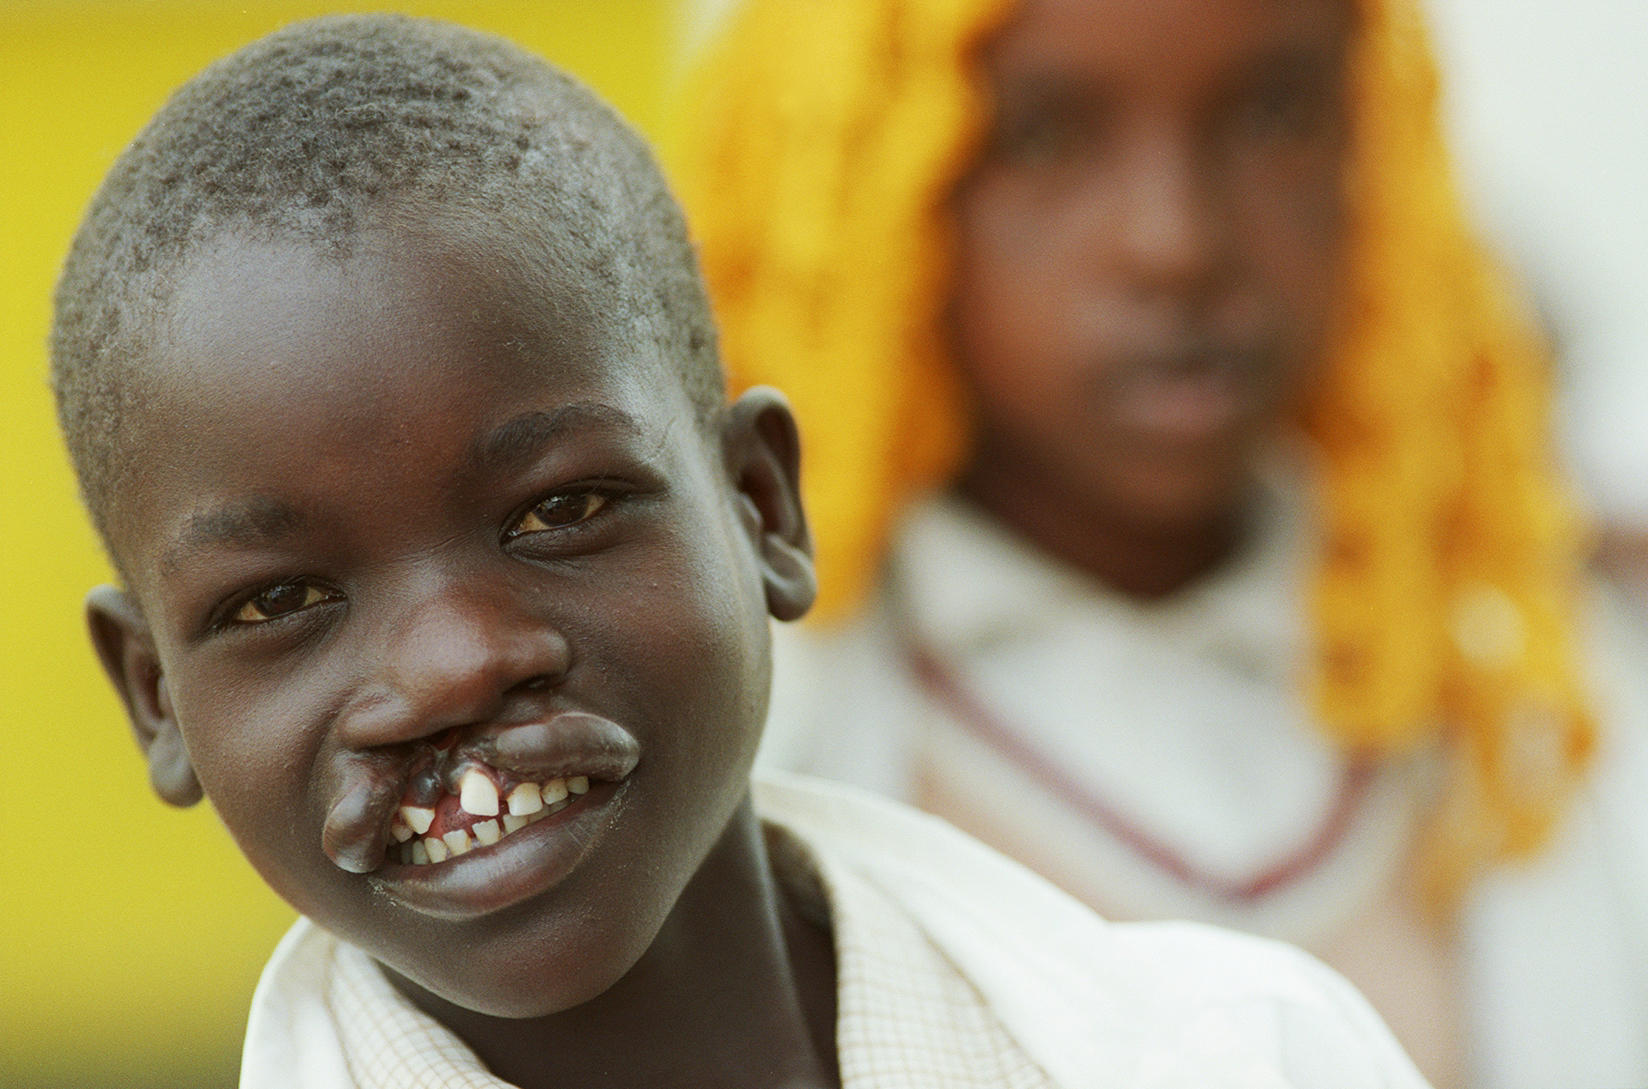 Operation Smile Kenya Child